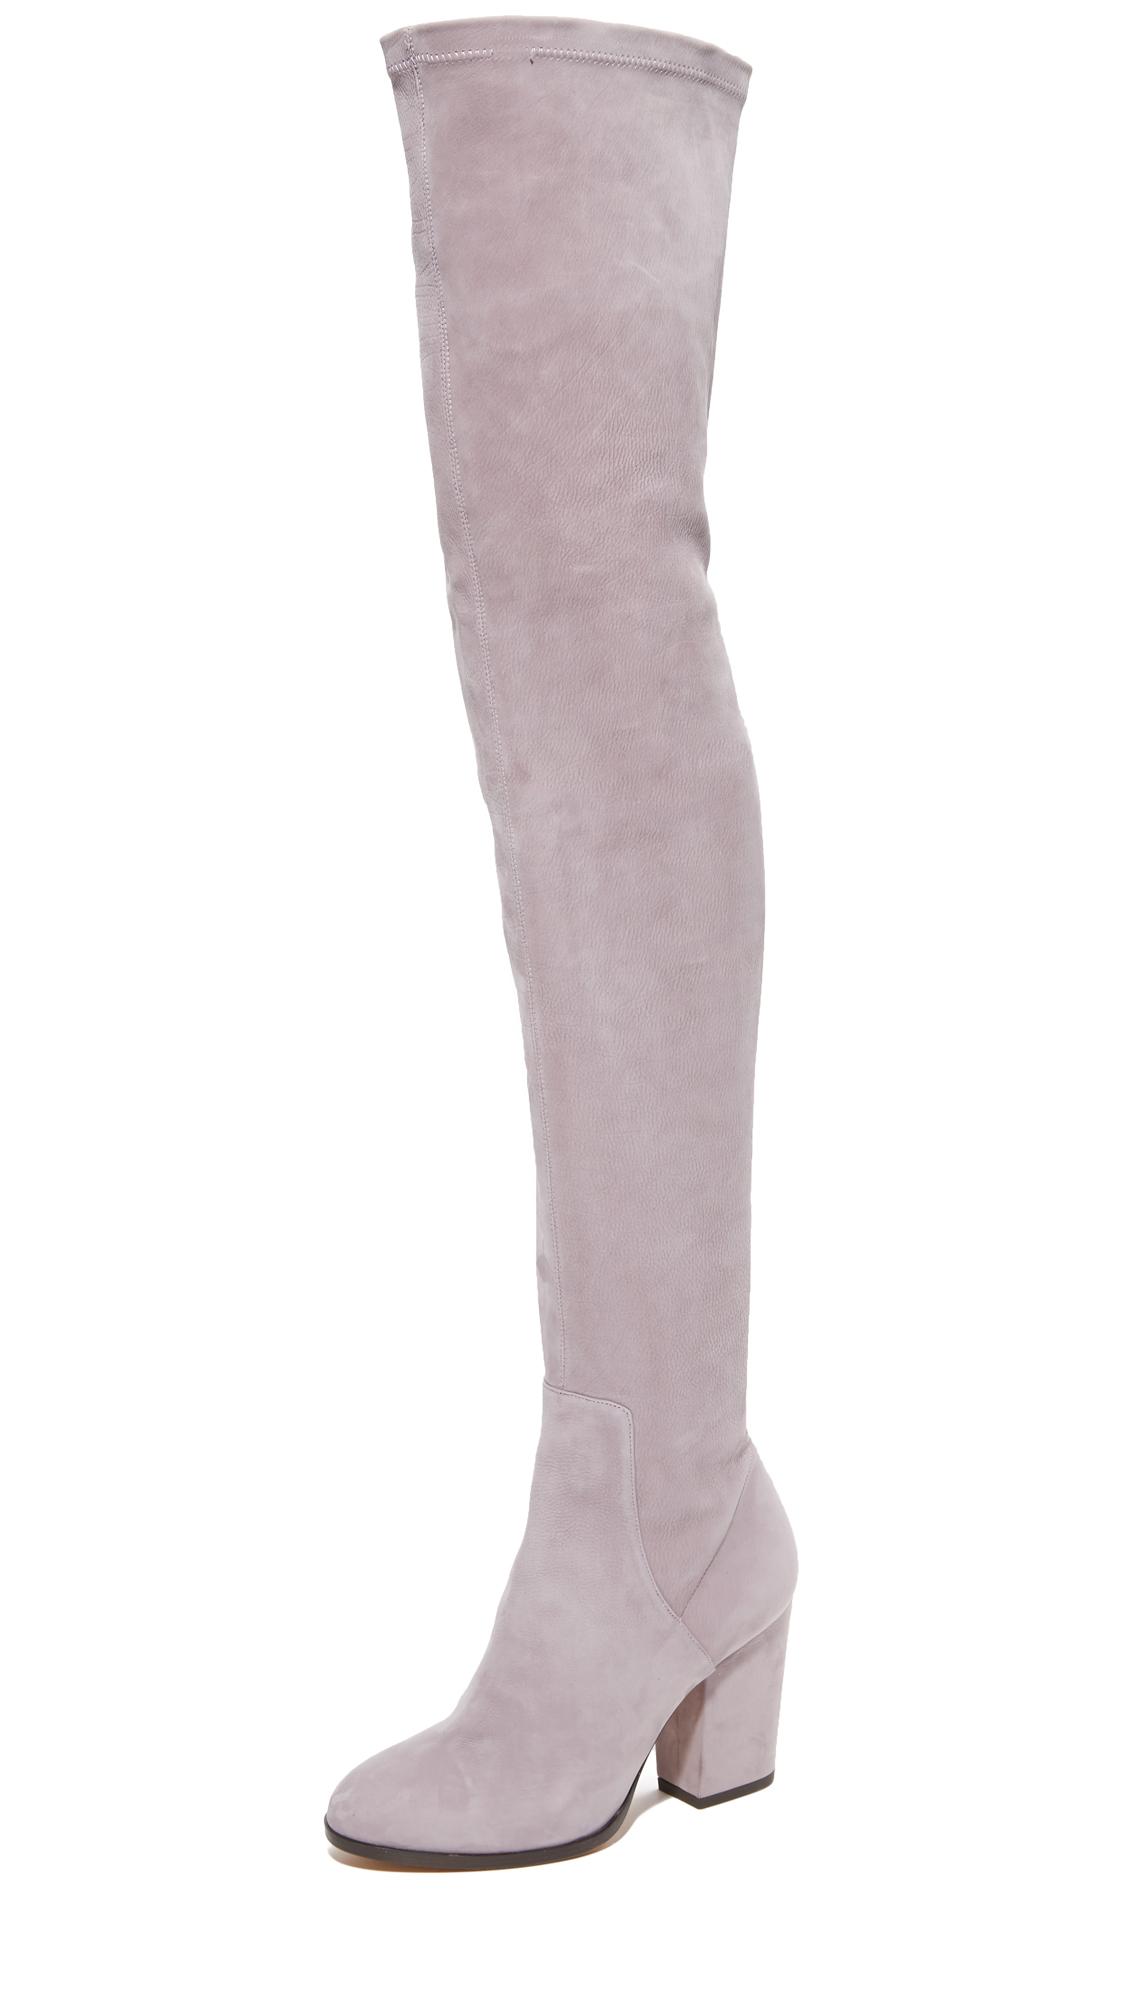 Alexa Wagner Domino Boots - Infinite